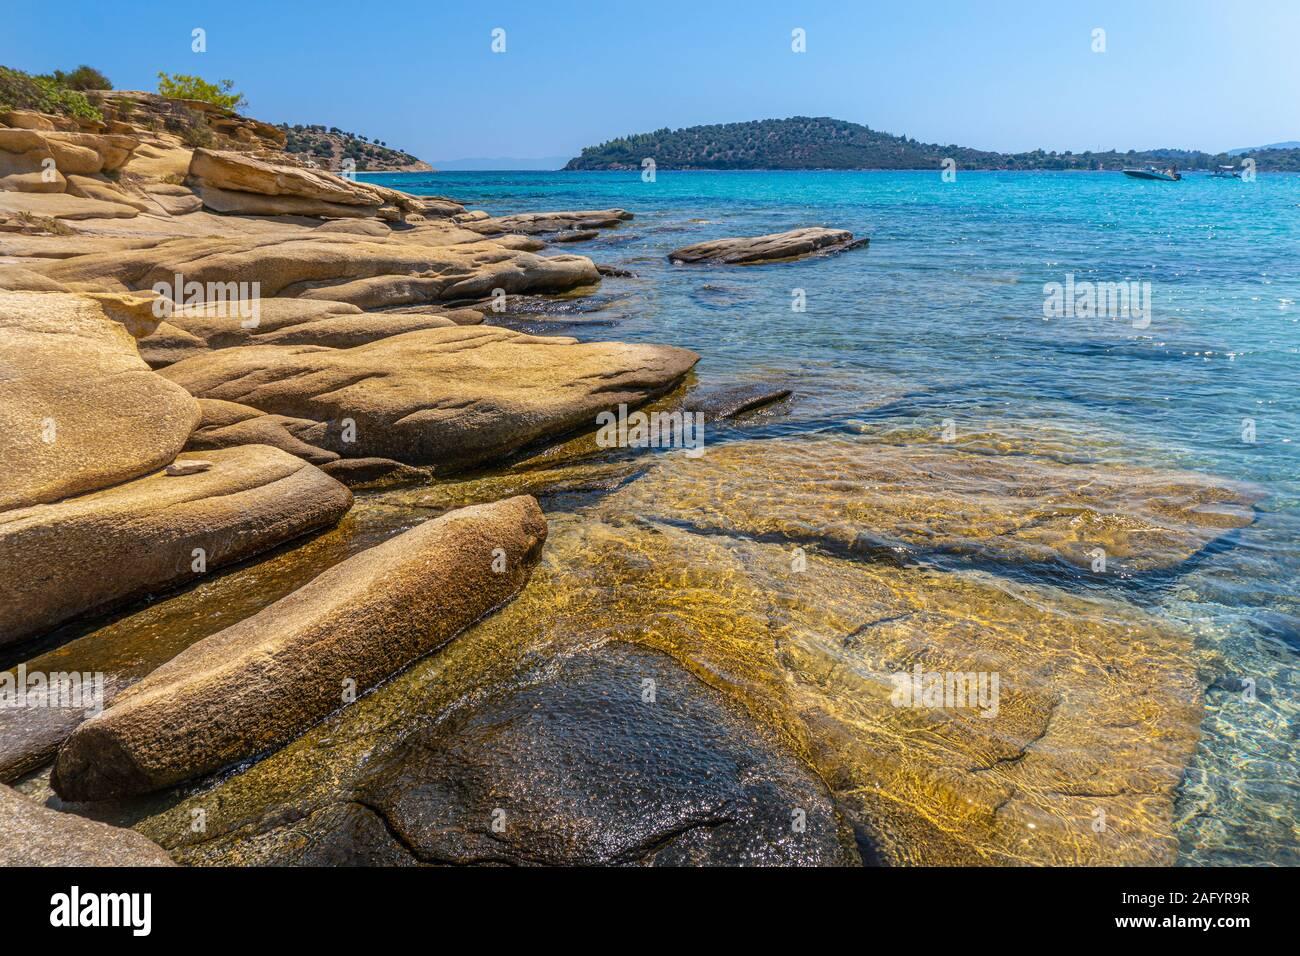 De grandes pierres jaune horizontale sous l'eau en Grèce Banque D'Images